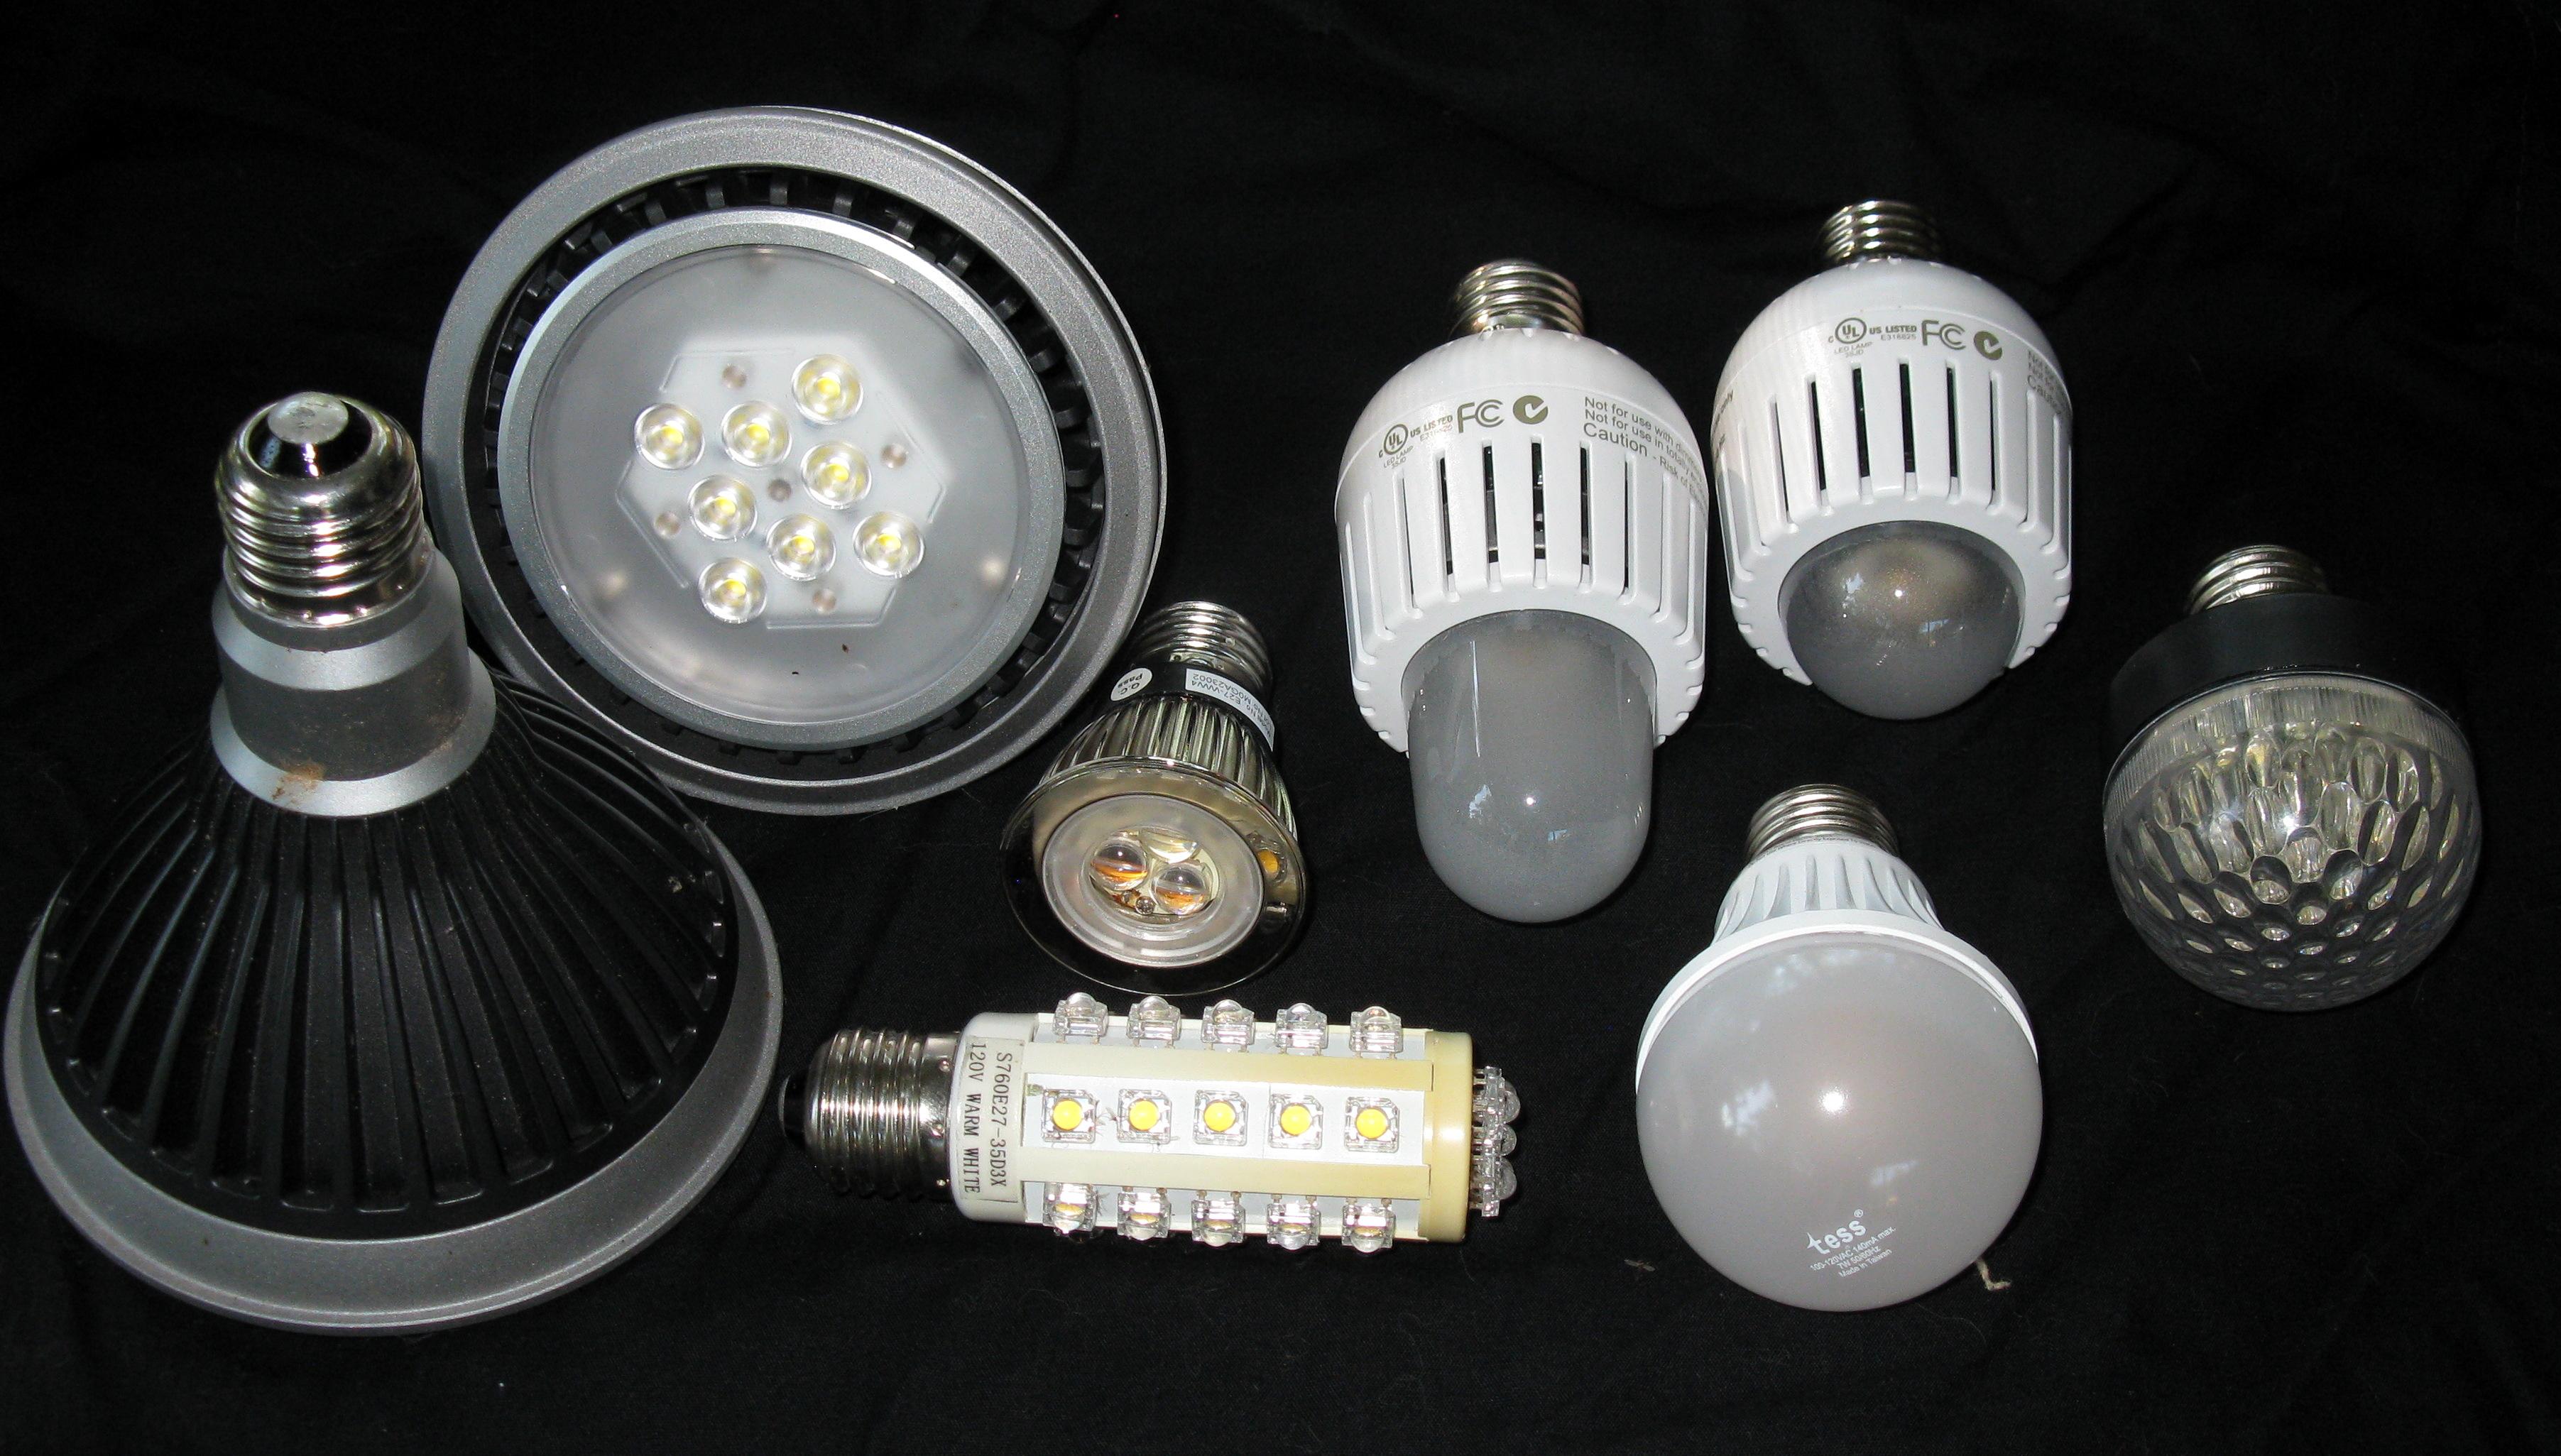 Overschakelen op ledverlichting: zo pak je het aan